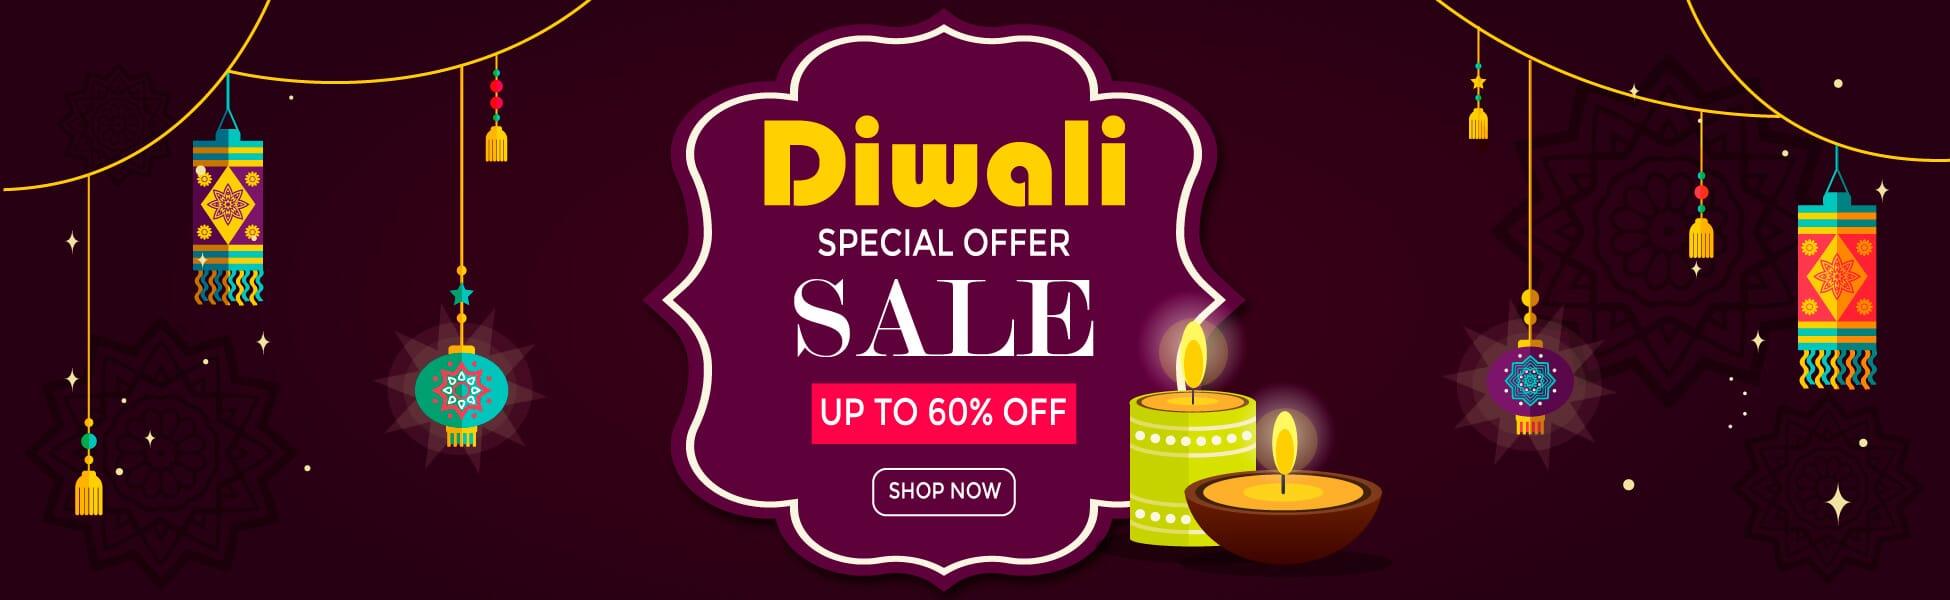 diwali sale offers